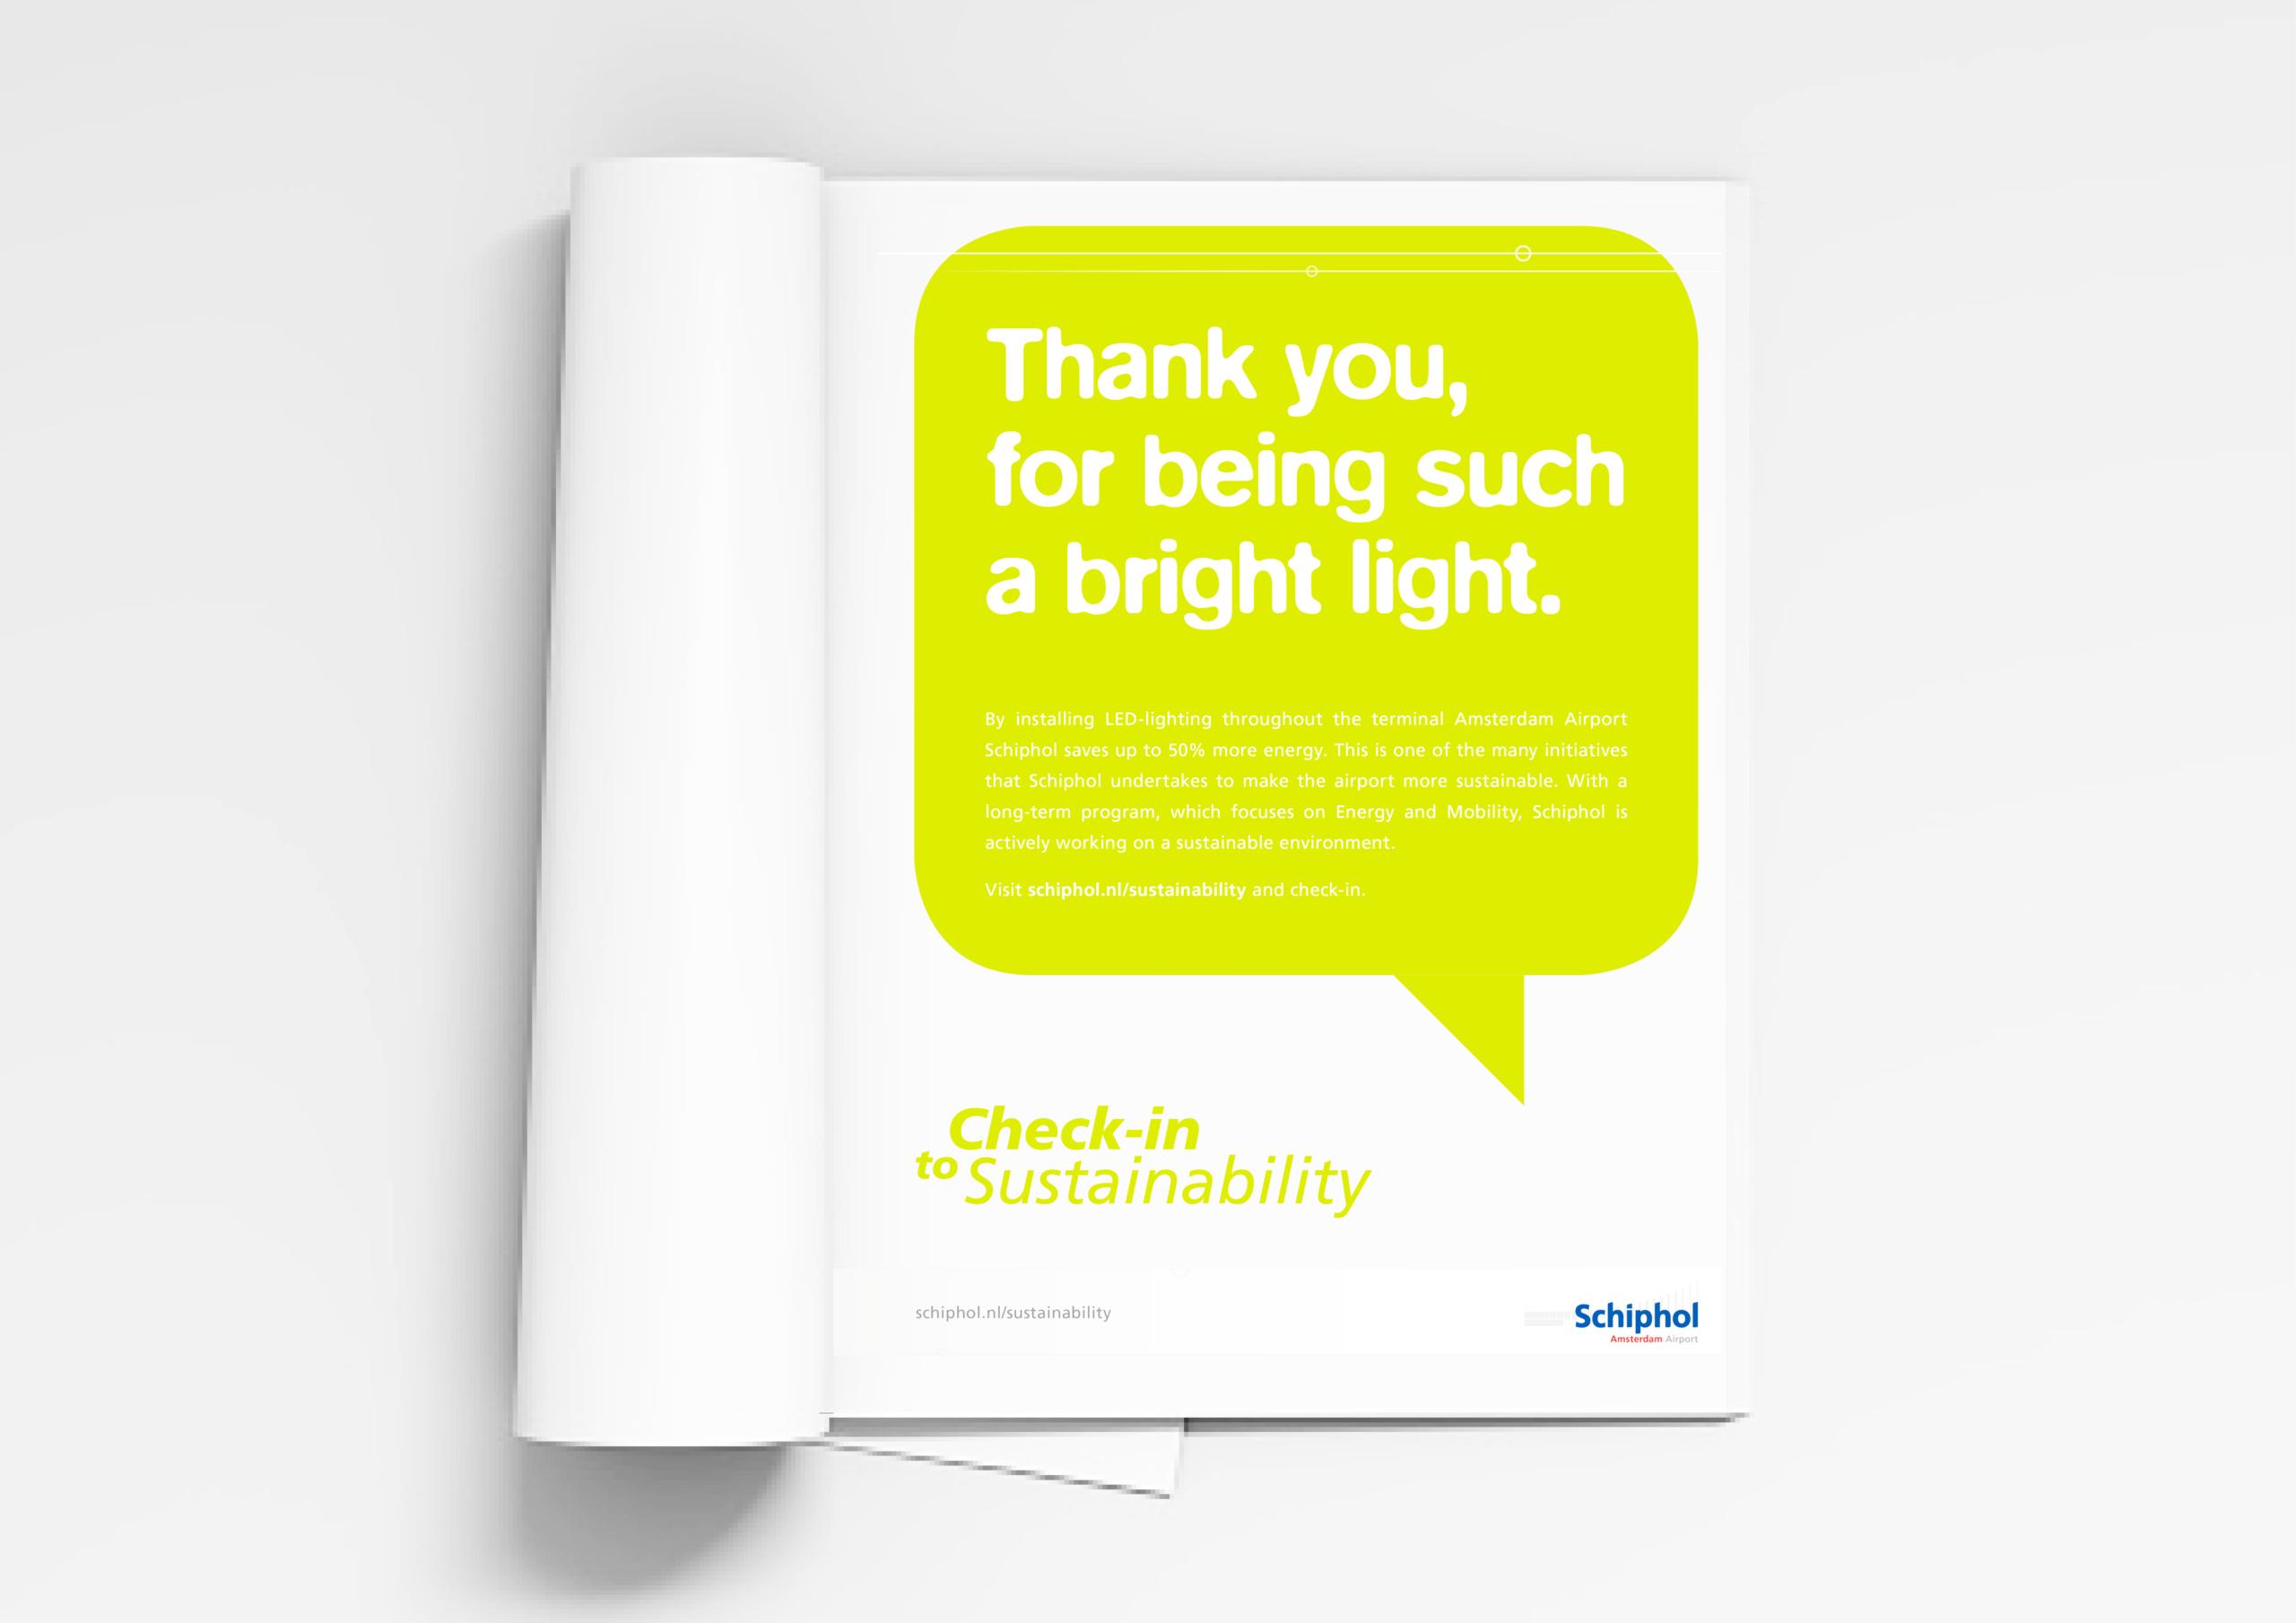 Schiphol - Branding A Better World